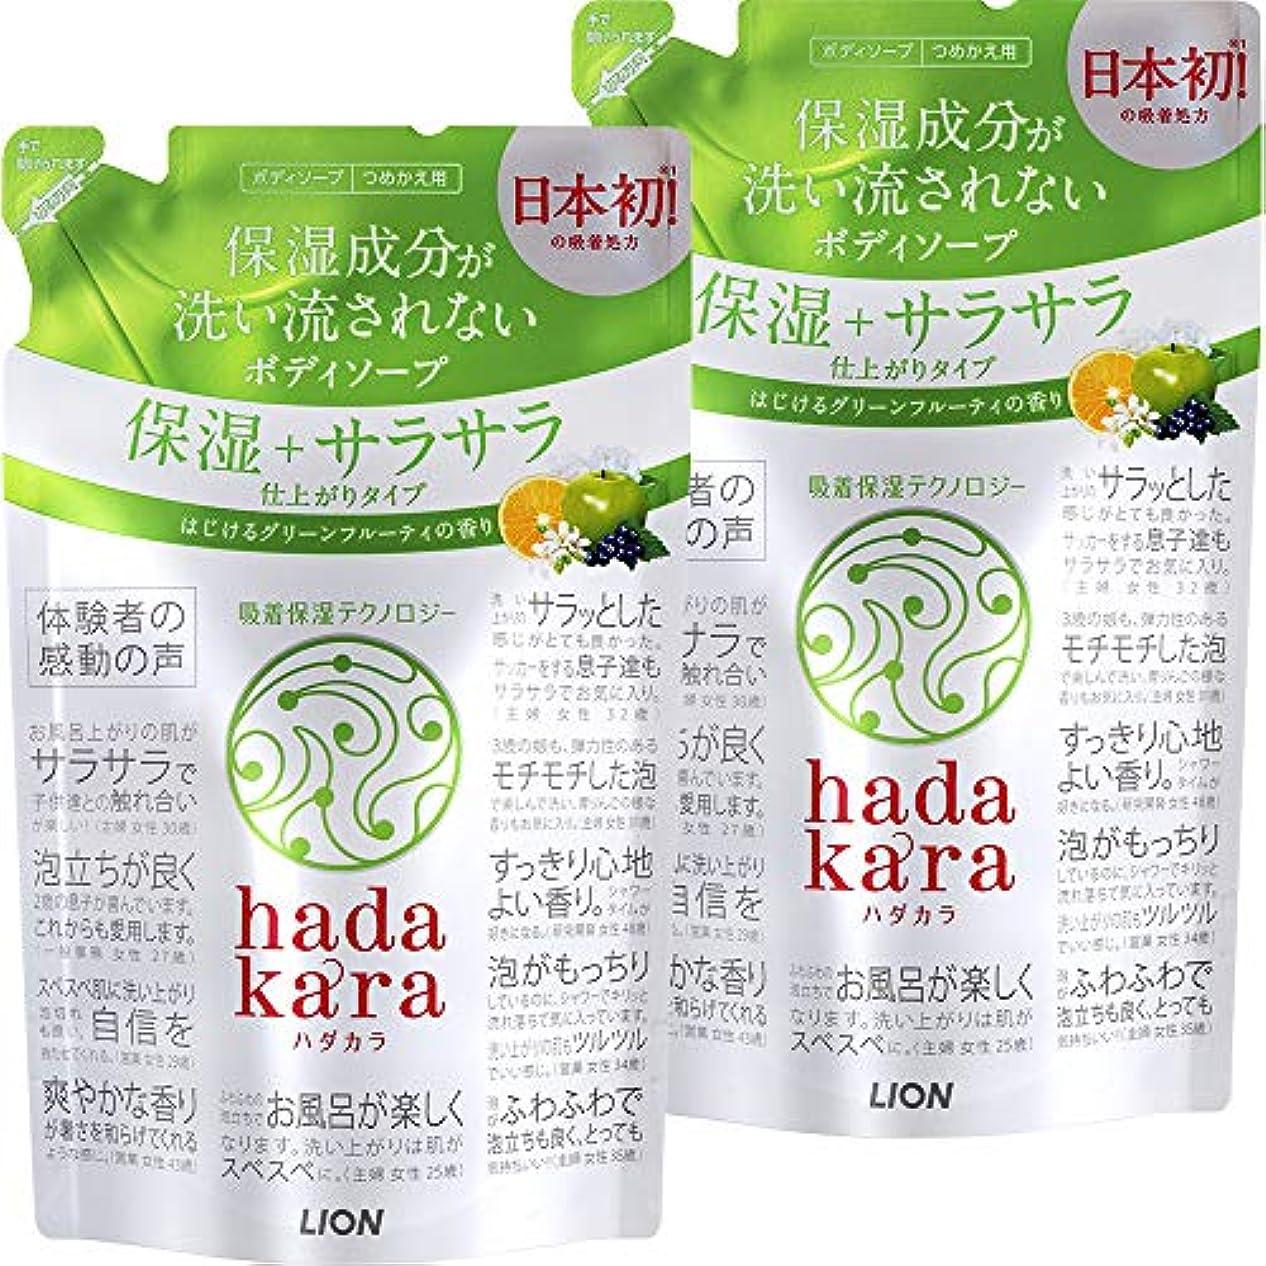 宣伝ラベンダー誰が【まとめ買い】hadakara(ハダカラ) ボディソープ 保湿+サラサラ仕上がりタイプ グリーンフルーティの香り 詰め替え 340ml×2個パック